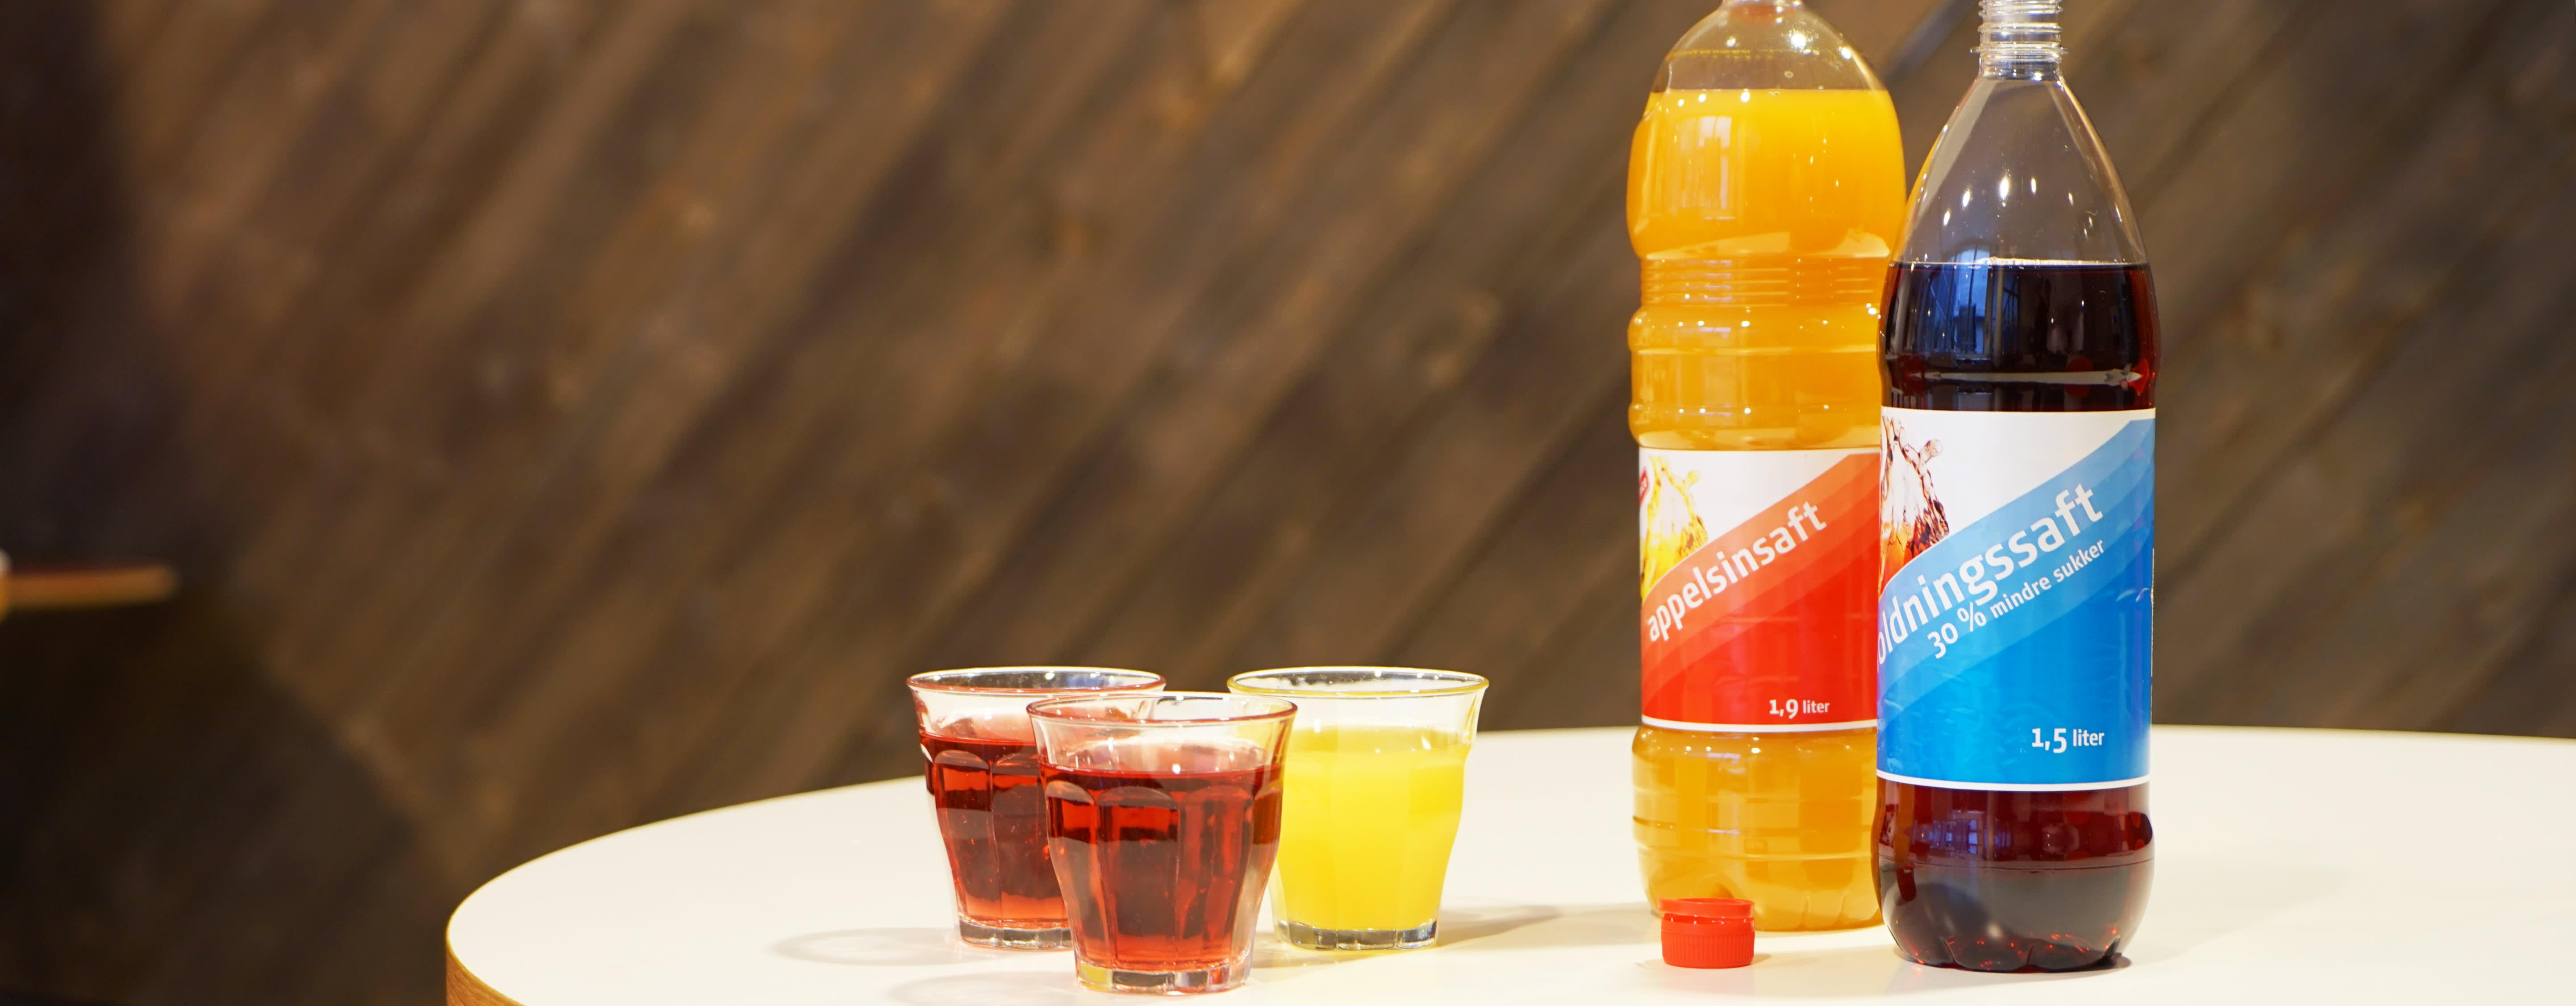 Den sukkerreduserte saften kan spare en saftdrikkende familie for hele 2000 sukkerbiter i året.